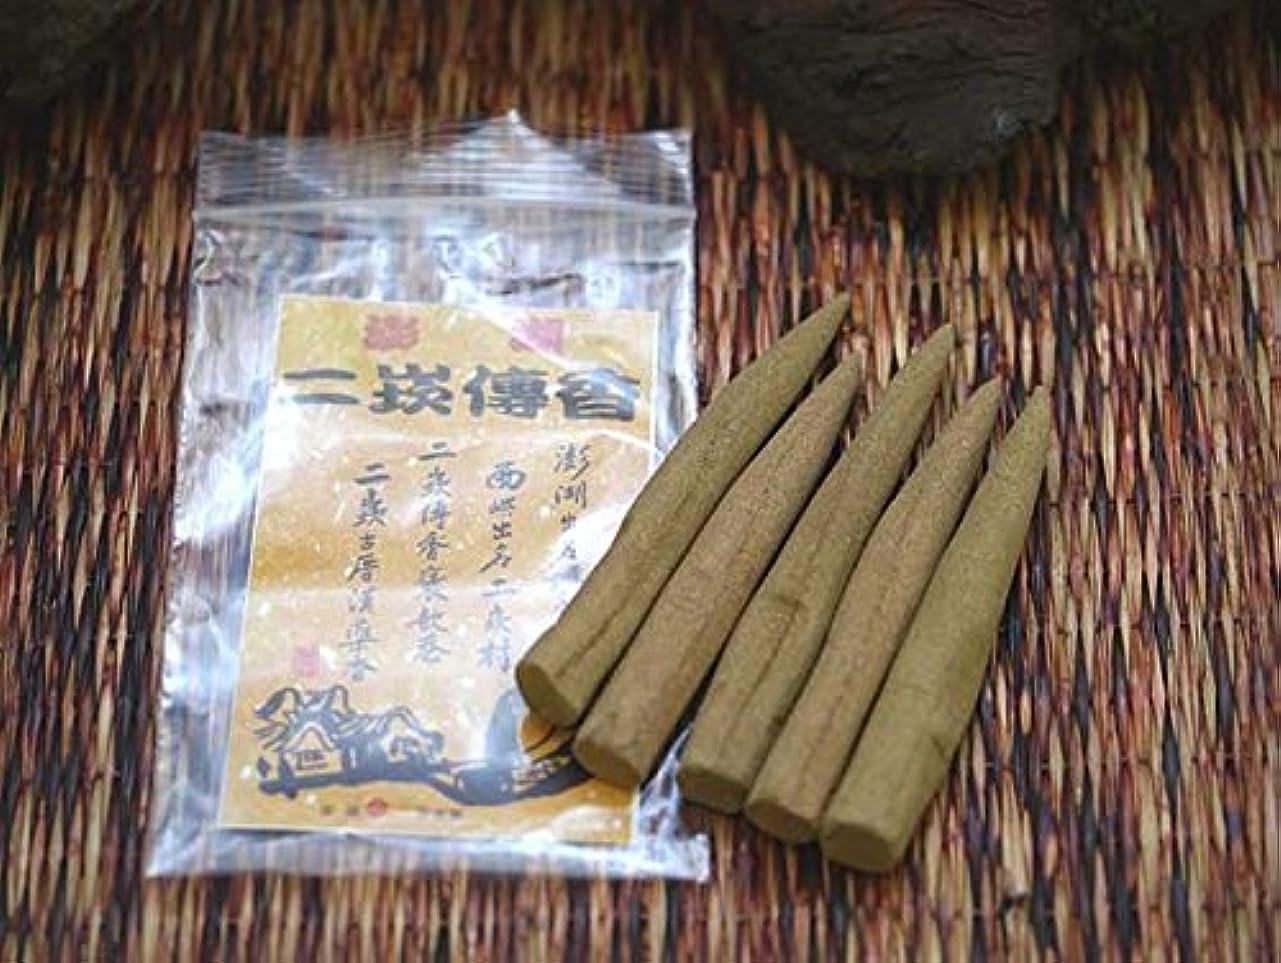 眼伝説スポーツの試合を担当している人ニガンハクコウ 【二 傳香(小)】台湾は澎湖島でのみ作られている伝統的な魔除香